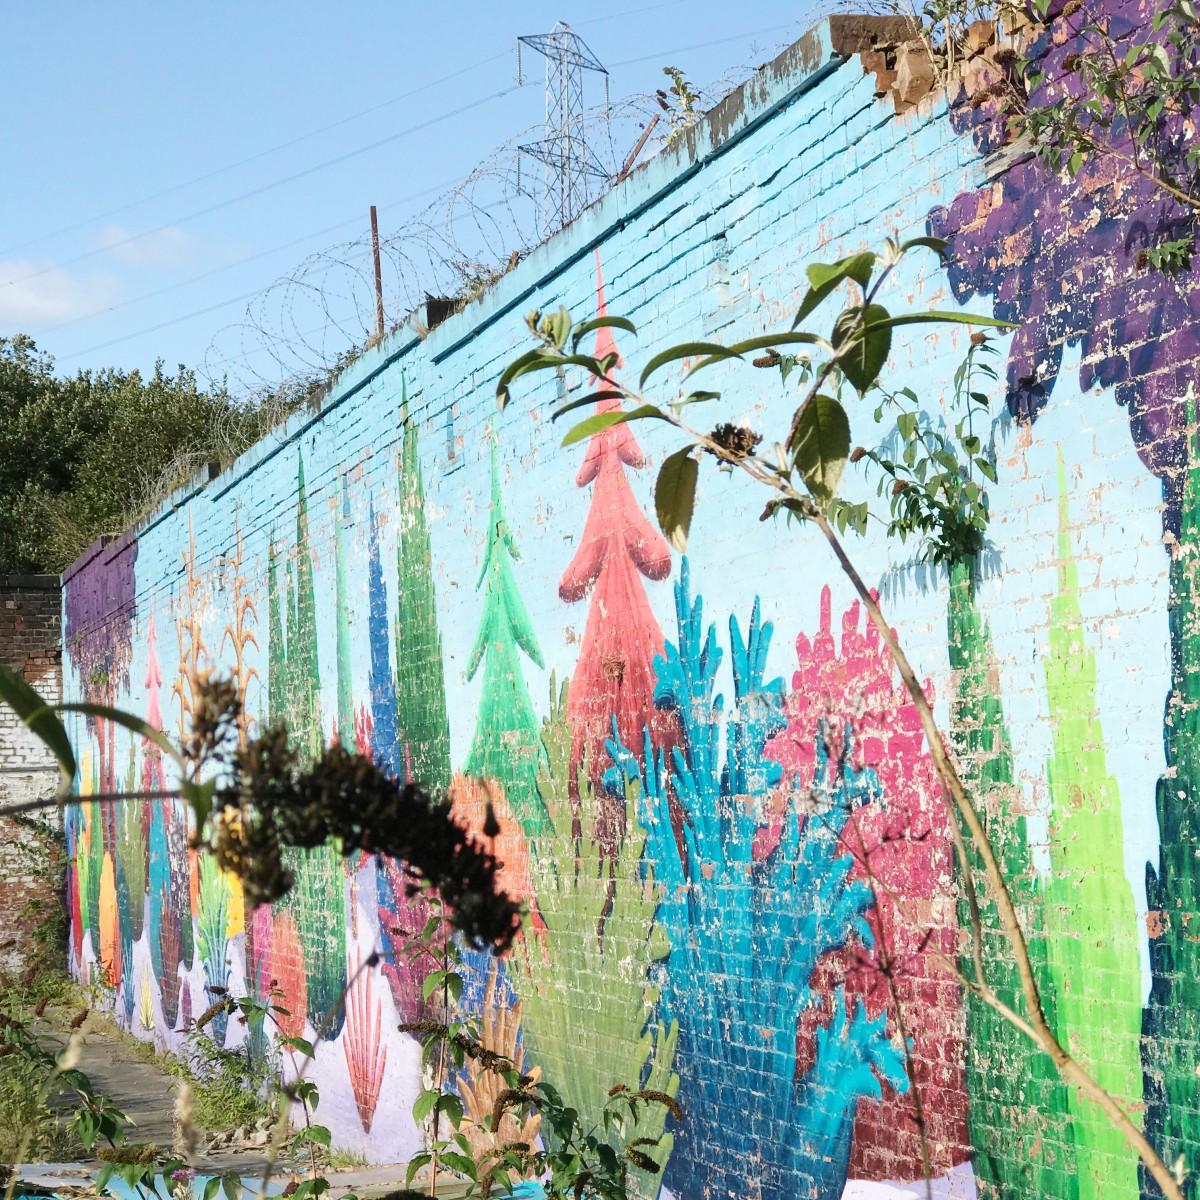 Glasgow's Street Art Trail